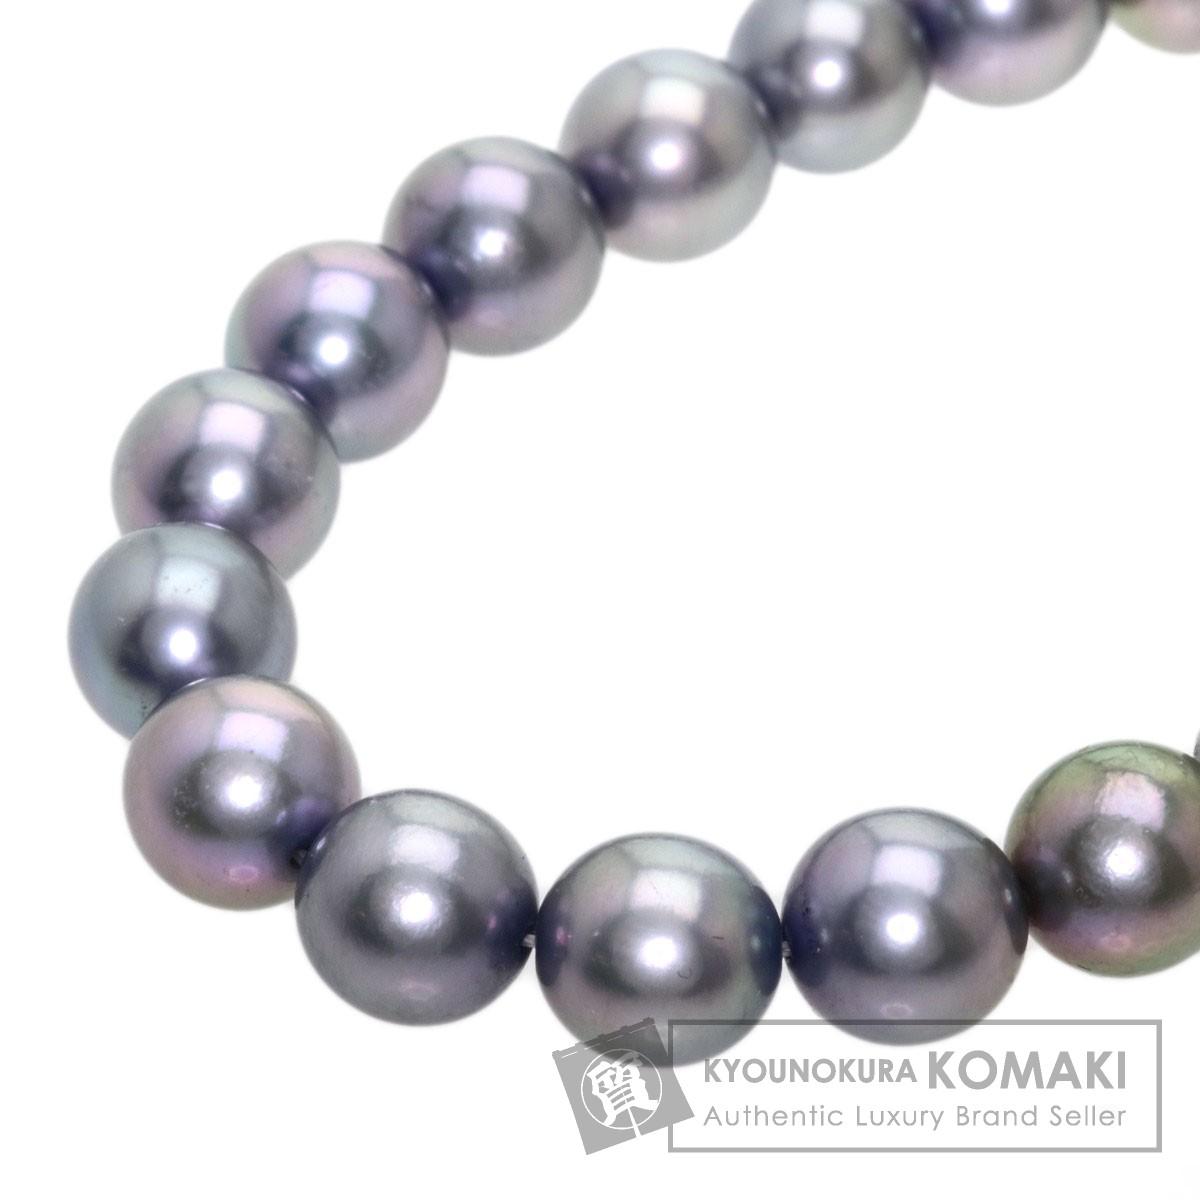 アコヤグレーパール 真珠 ネックレス シルバー 62.6g レディース 【中古】